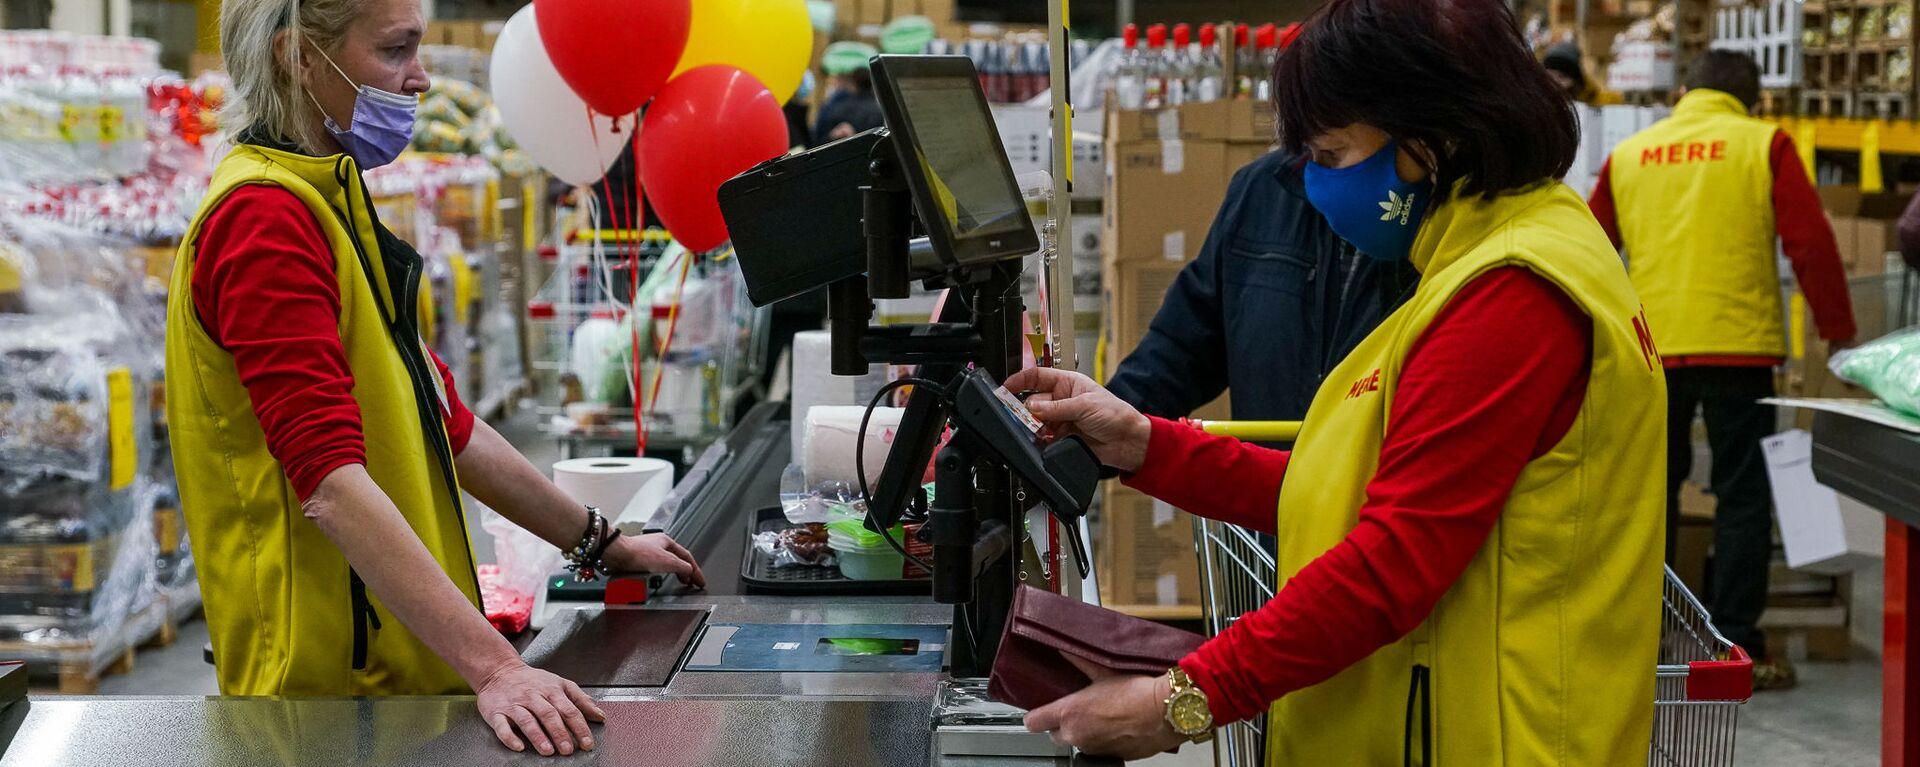 В Риге открылся российский магазин-дискаунтер торговой сети Mere - Sputnik Латвия, 1920, 17.03.2021